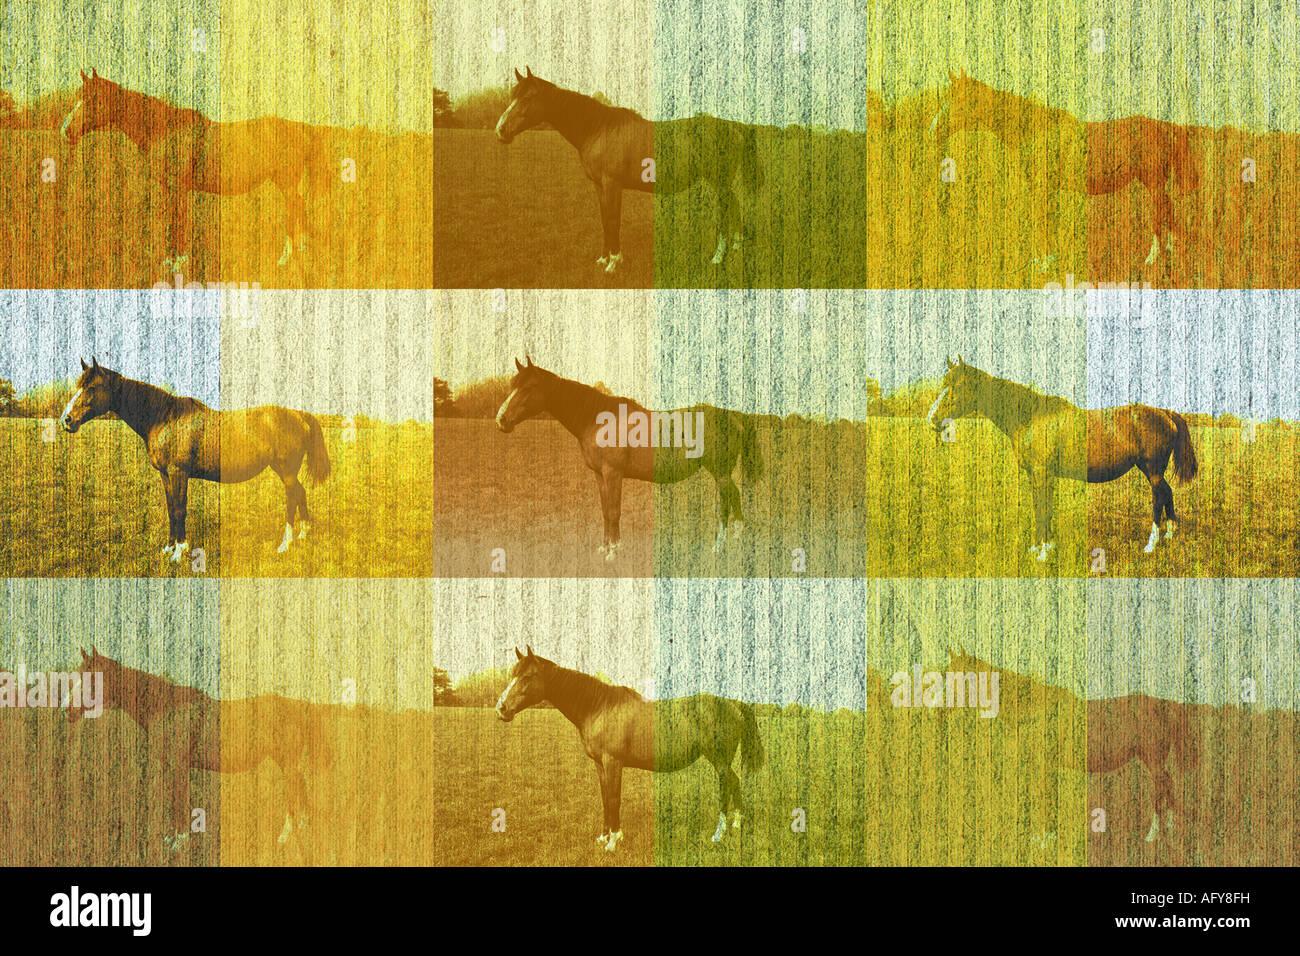 L'étape et répéter l'illustration d'un cheval baie dans un champ Photo Stock